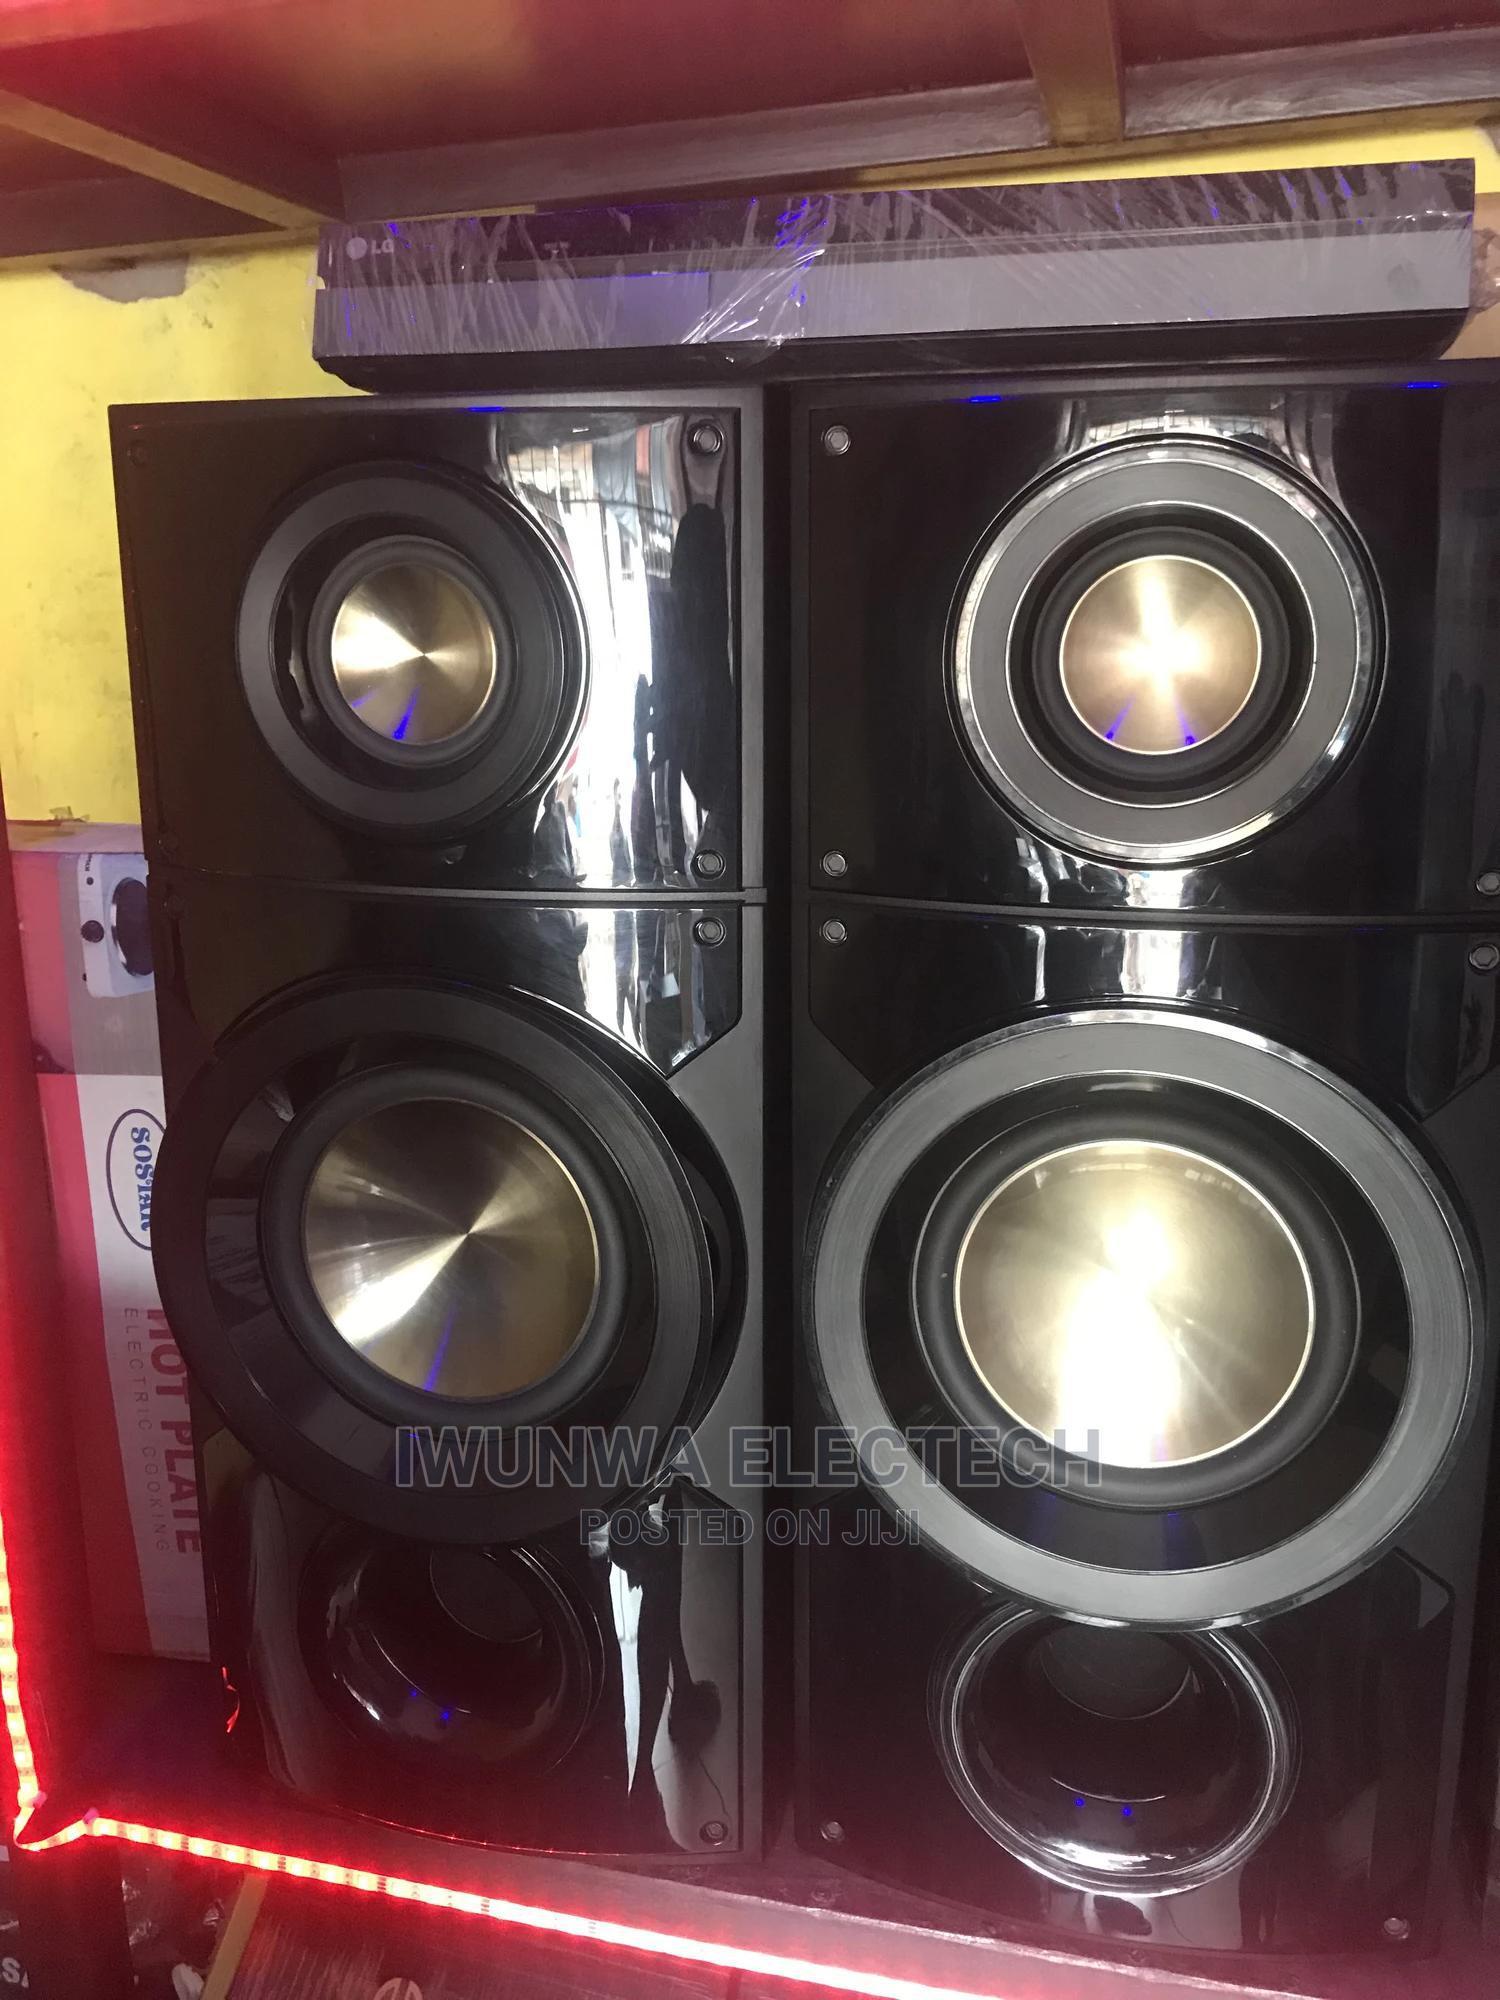 LG Bodyguard Bass Blast Speaker